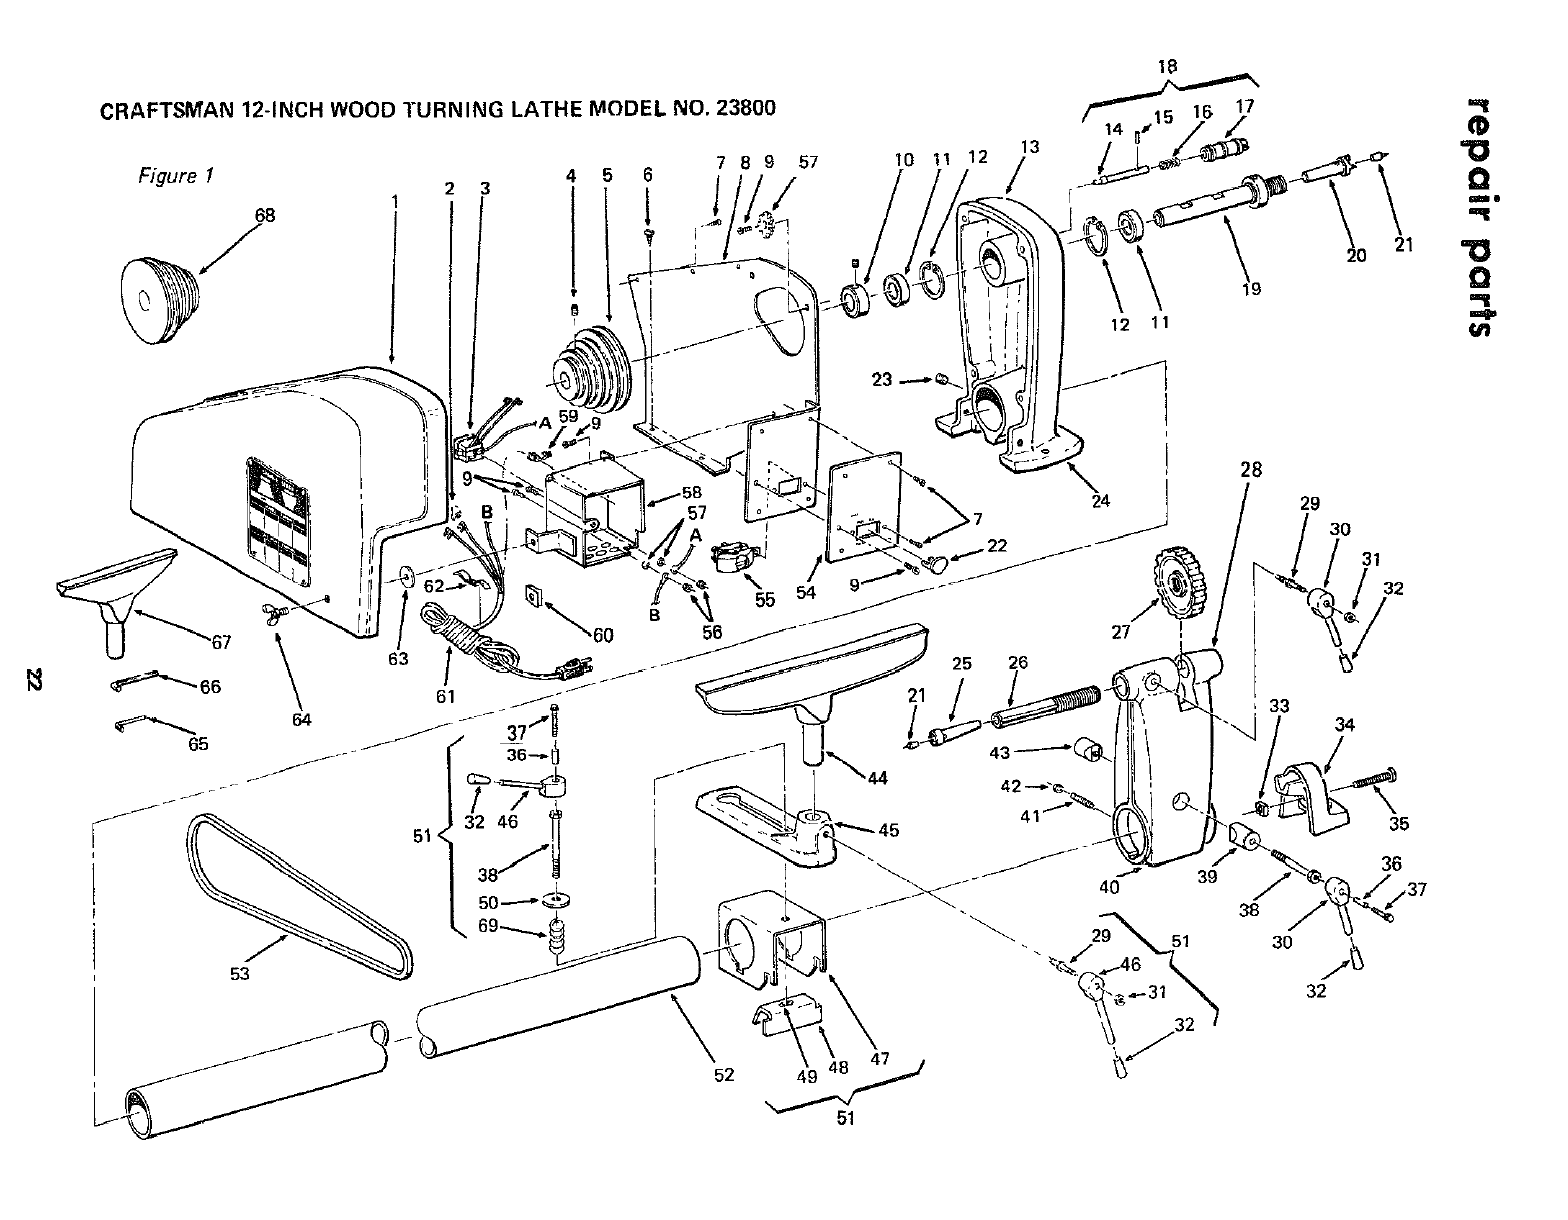 Craftsman 11323800 User Manual 12 INCH WOOD TURNING LATHE